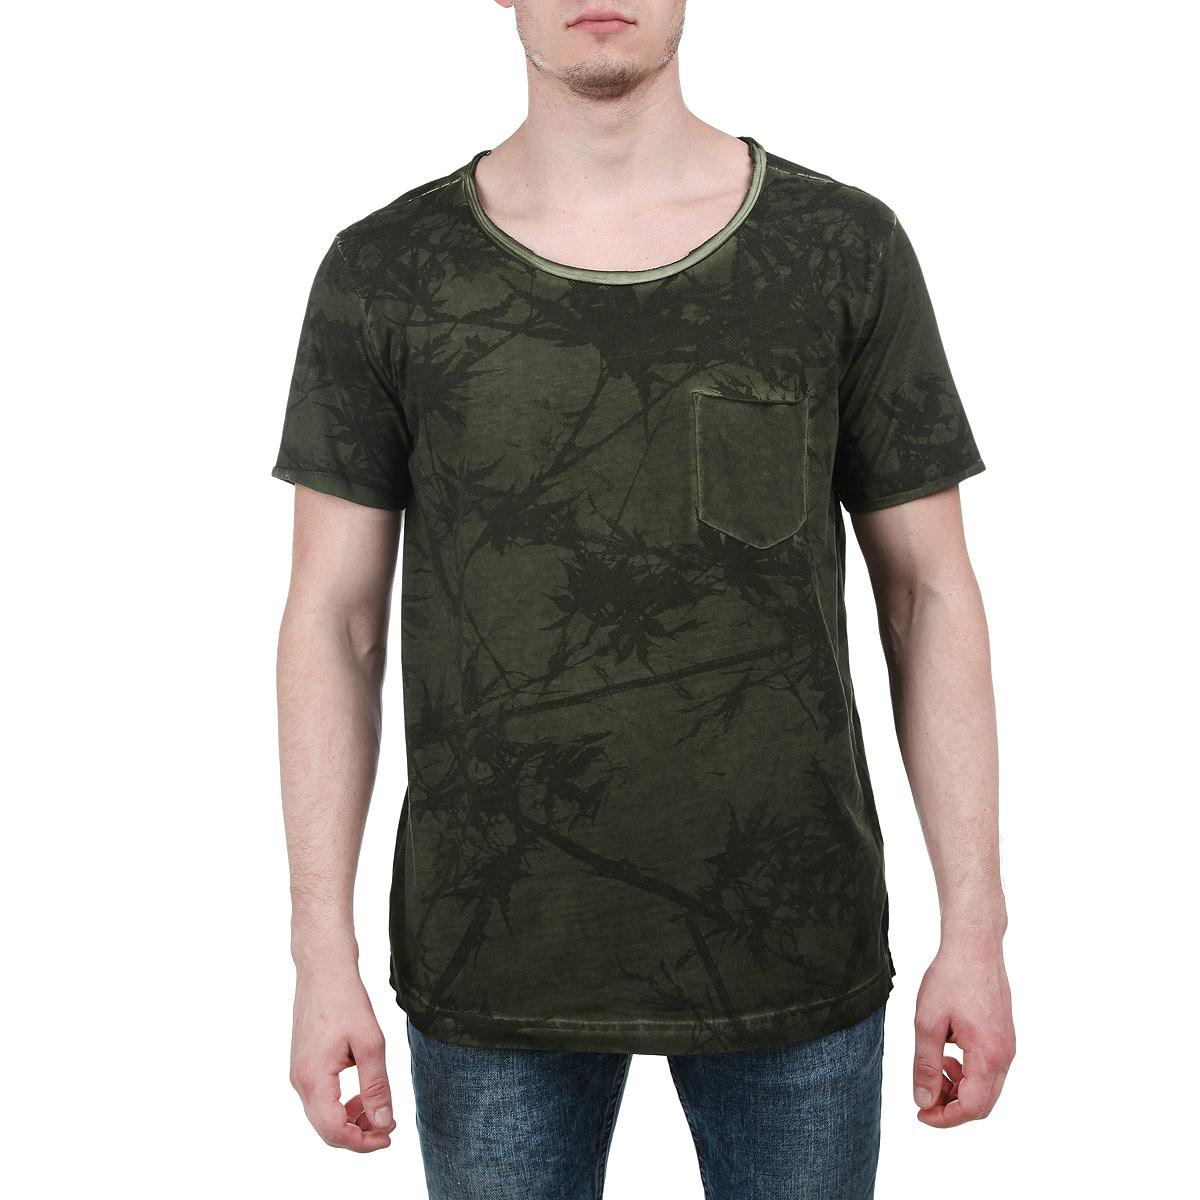 Футболка мужская. 1031393.02.121031393.02.12Стильная мужская футболка Tom Tailor, выполненная из высококачественного мягкого хлопка с полиэстером, обладает высокой теплопроводностью, воздухопроницаемостью и гигроскопичностью, позволяет коже дышать. Модель с короткими рукавами и круглым вырезом горловины оформлена оригинальным растительным принтом и дополнена на груди накладным карманом. Эта футболка - идеальный вариант для создания эффектного образа.